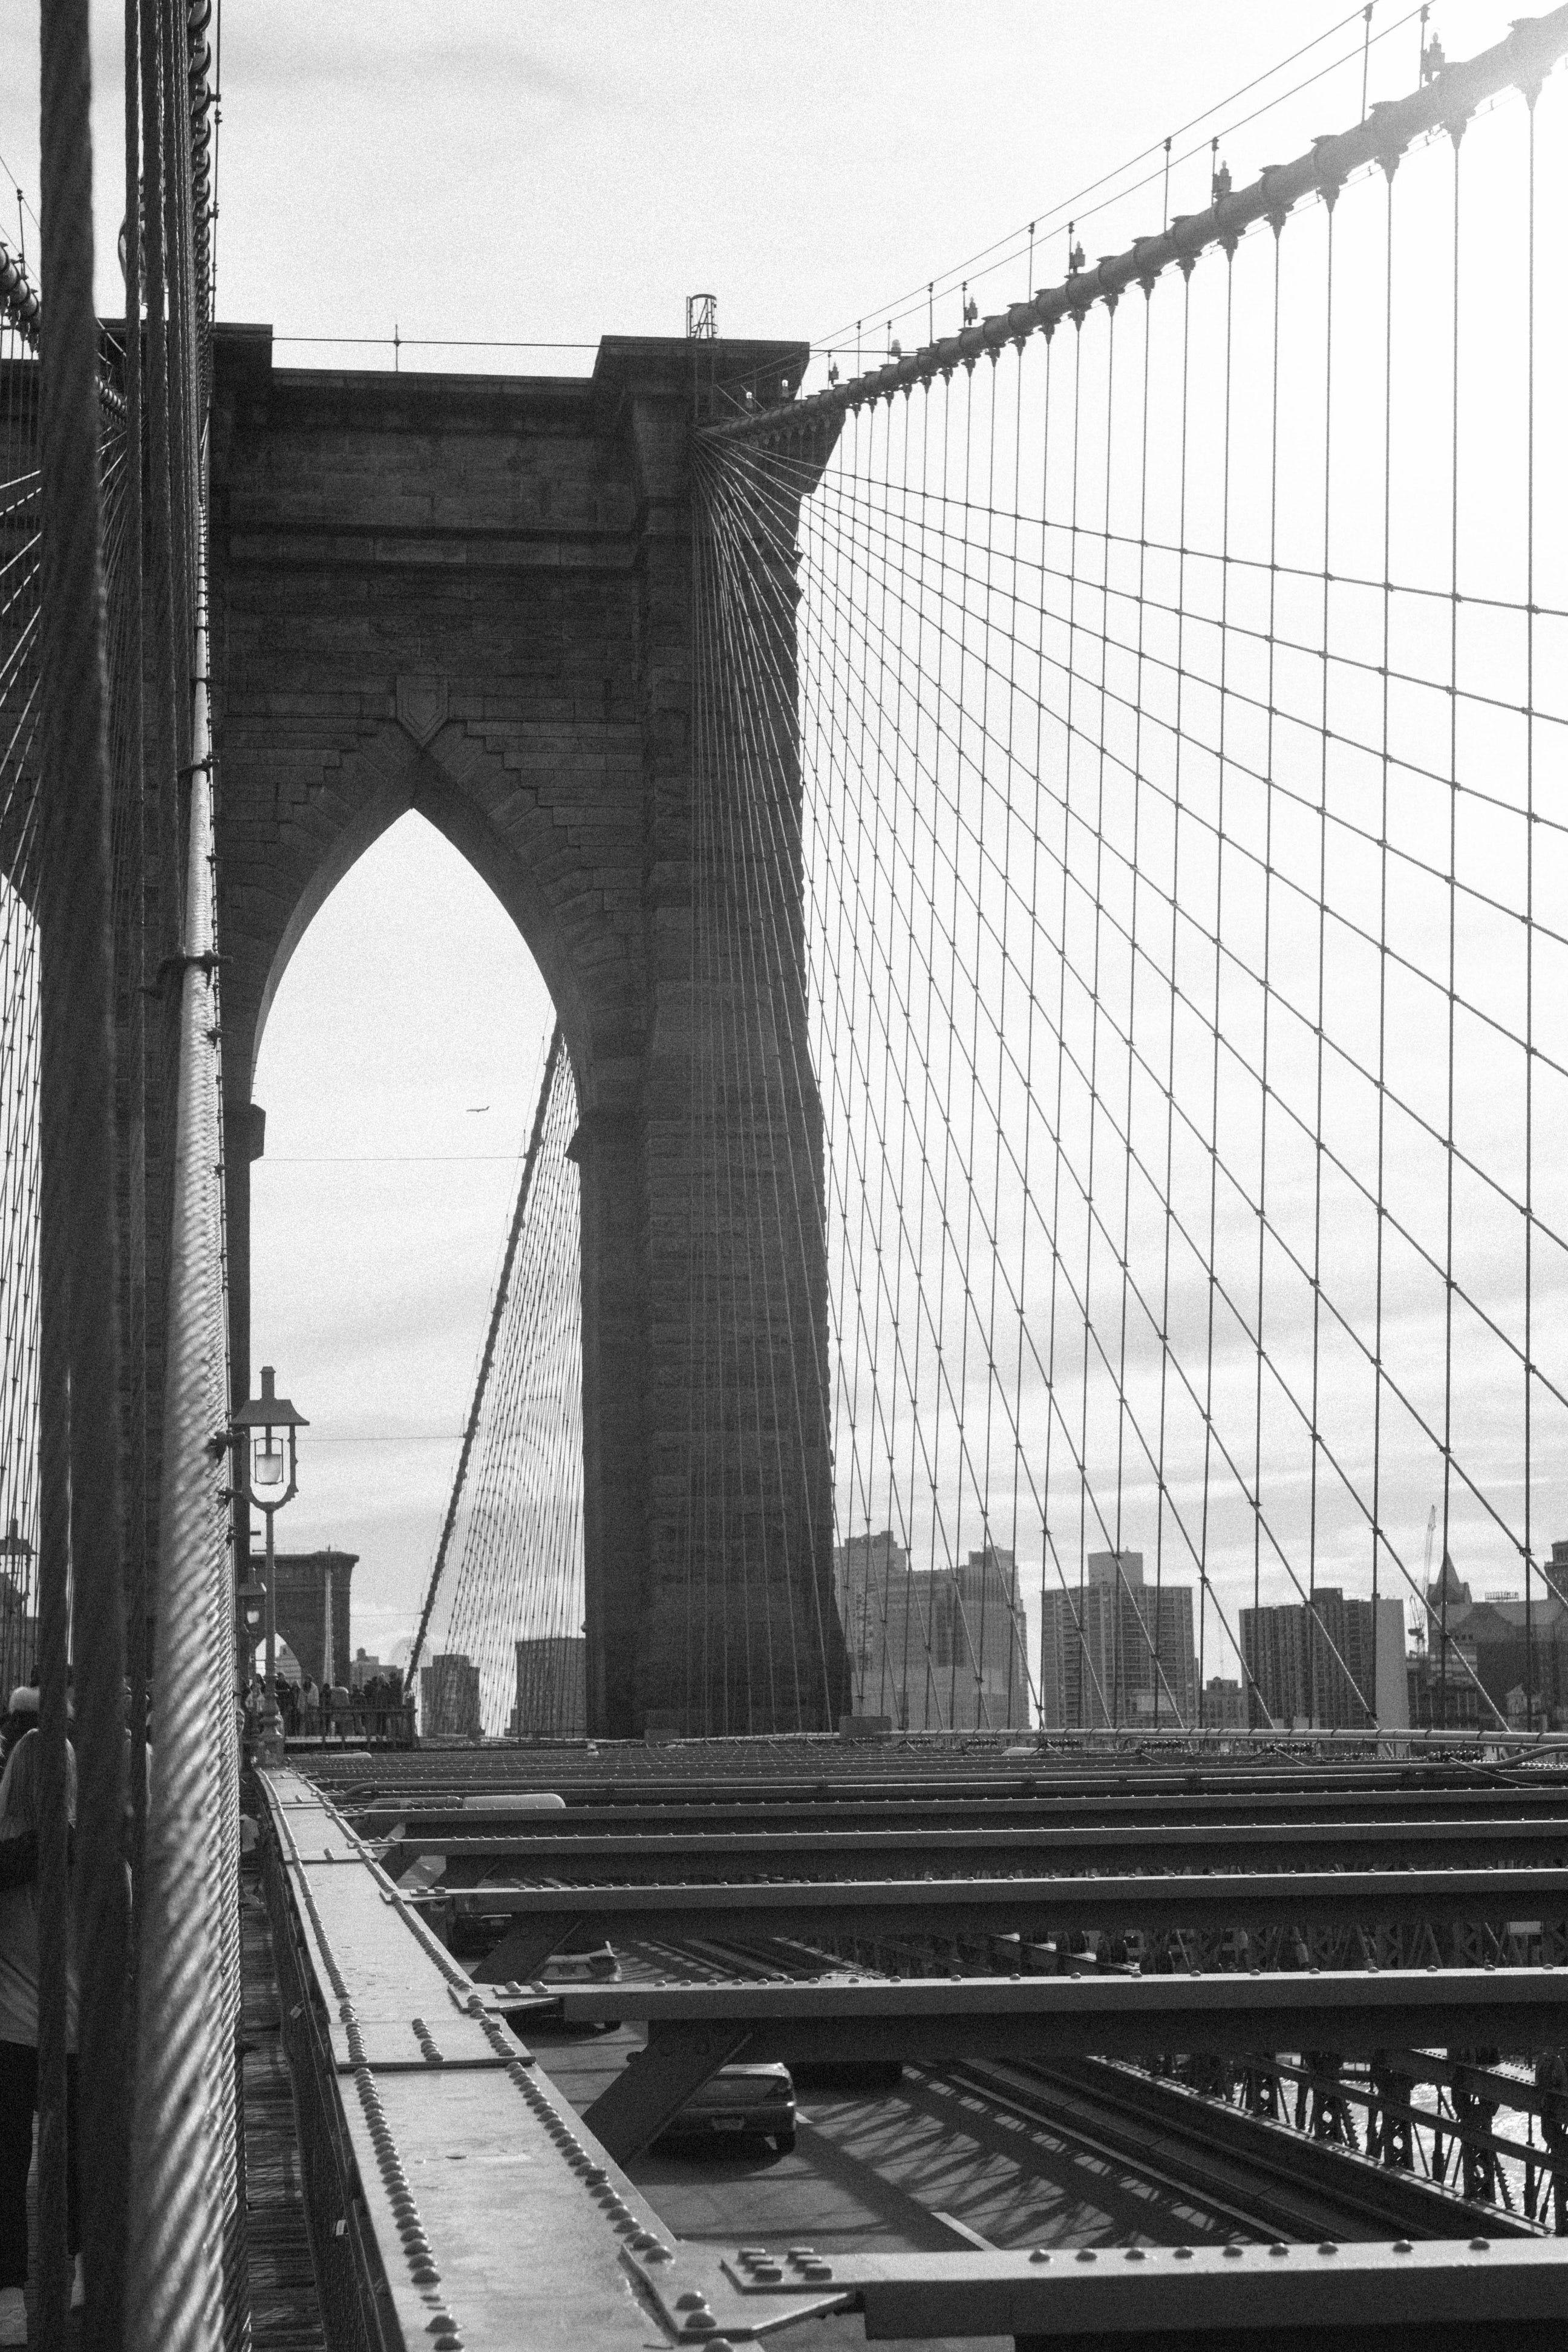 Bridge In Black And White Monochrome Photo Black And White Black